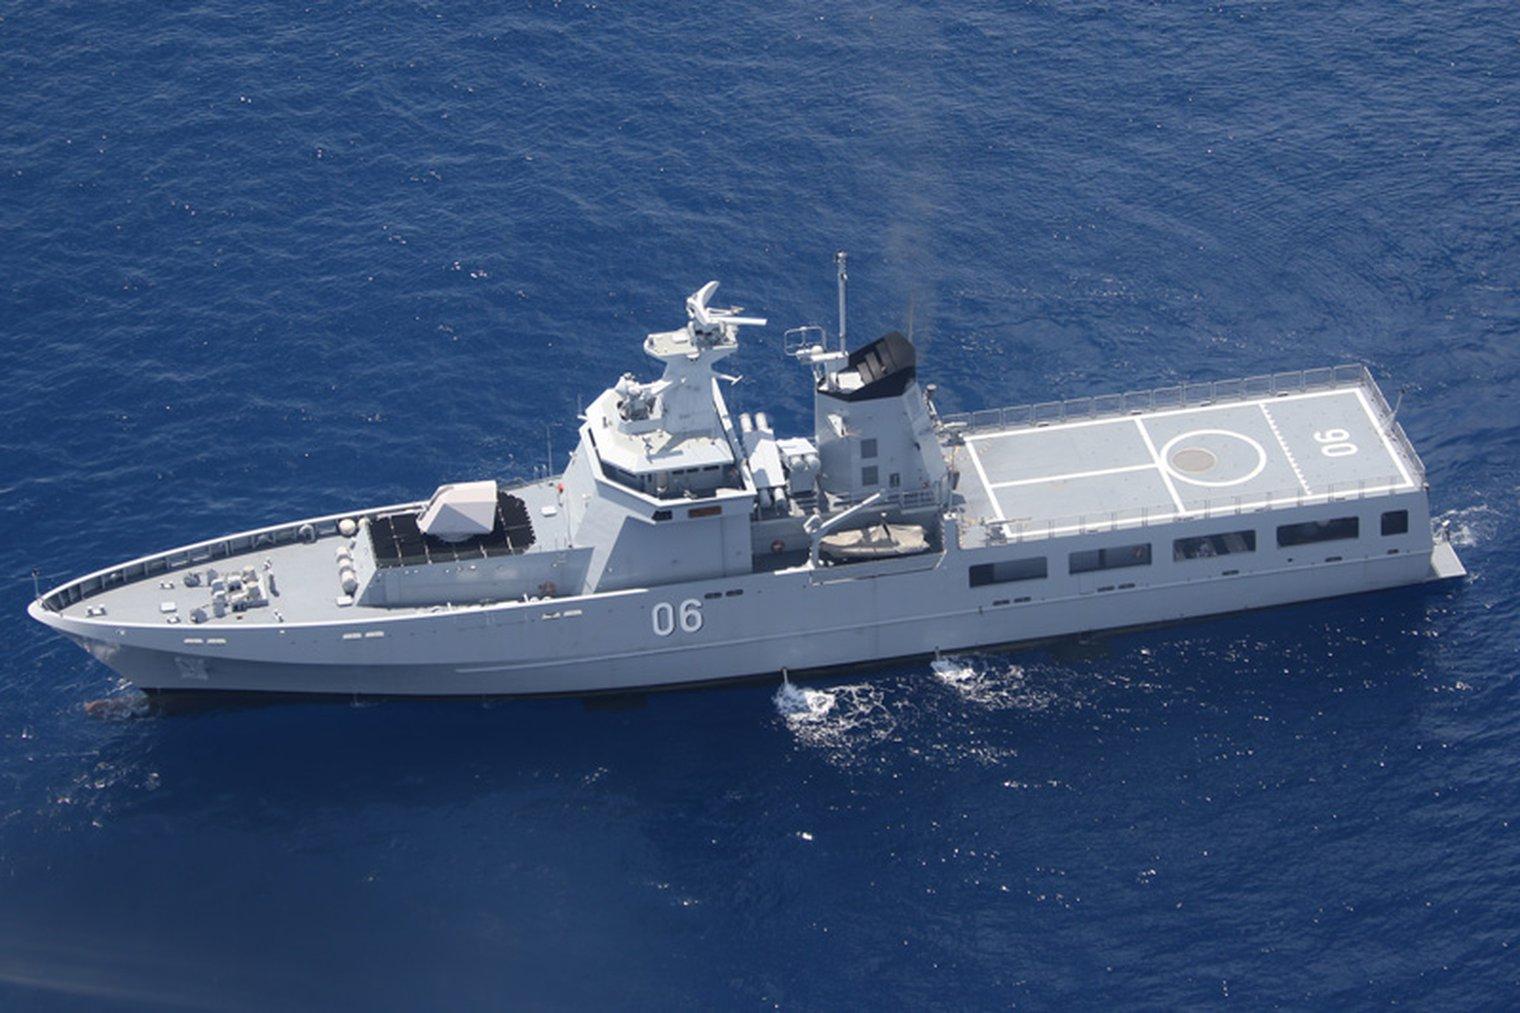 L 252 Rssen Wins Australian Opv Contract Imps Maritime